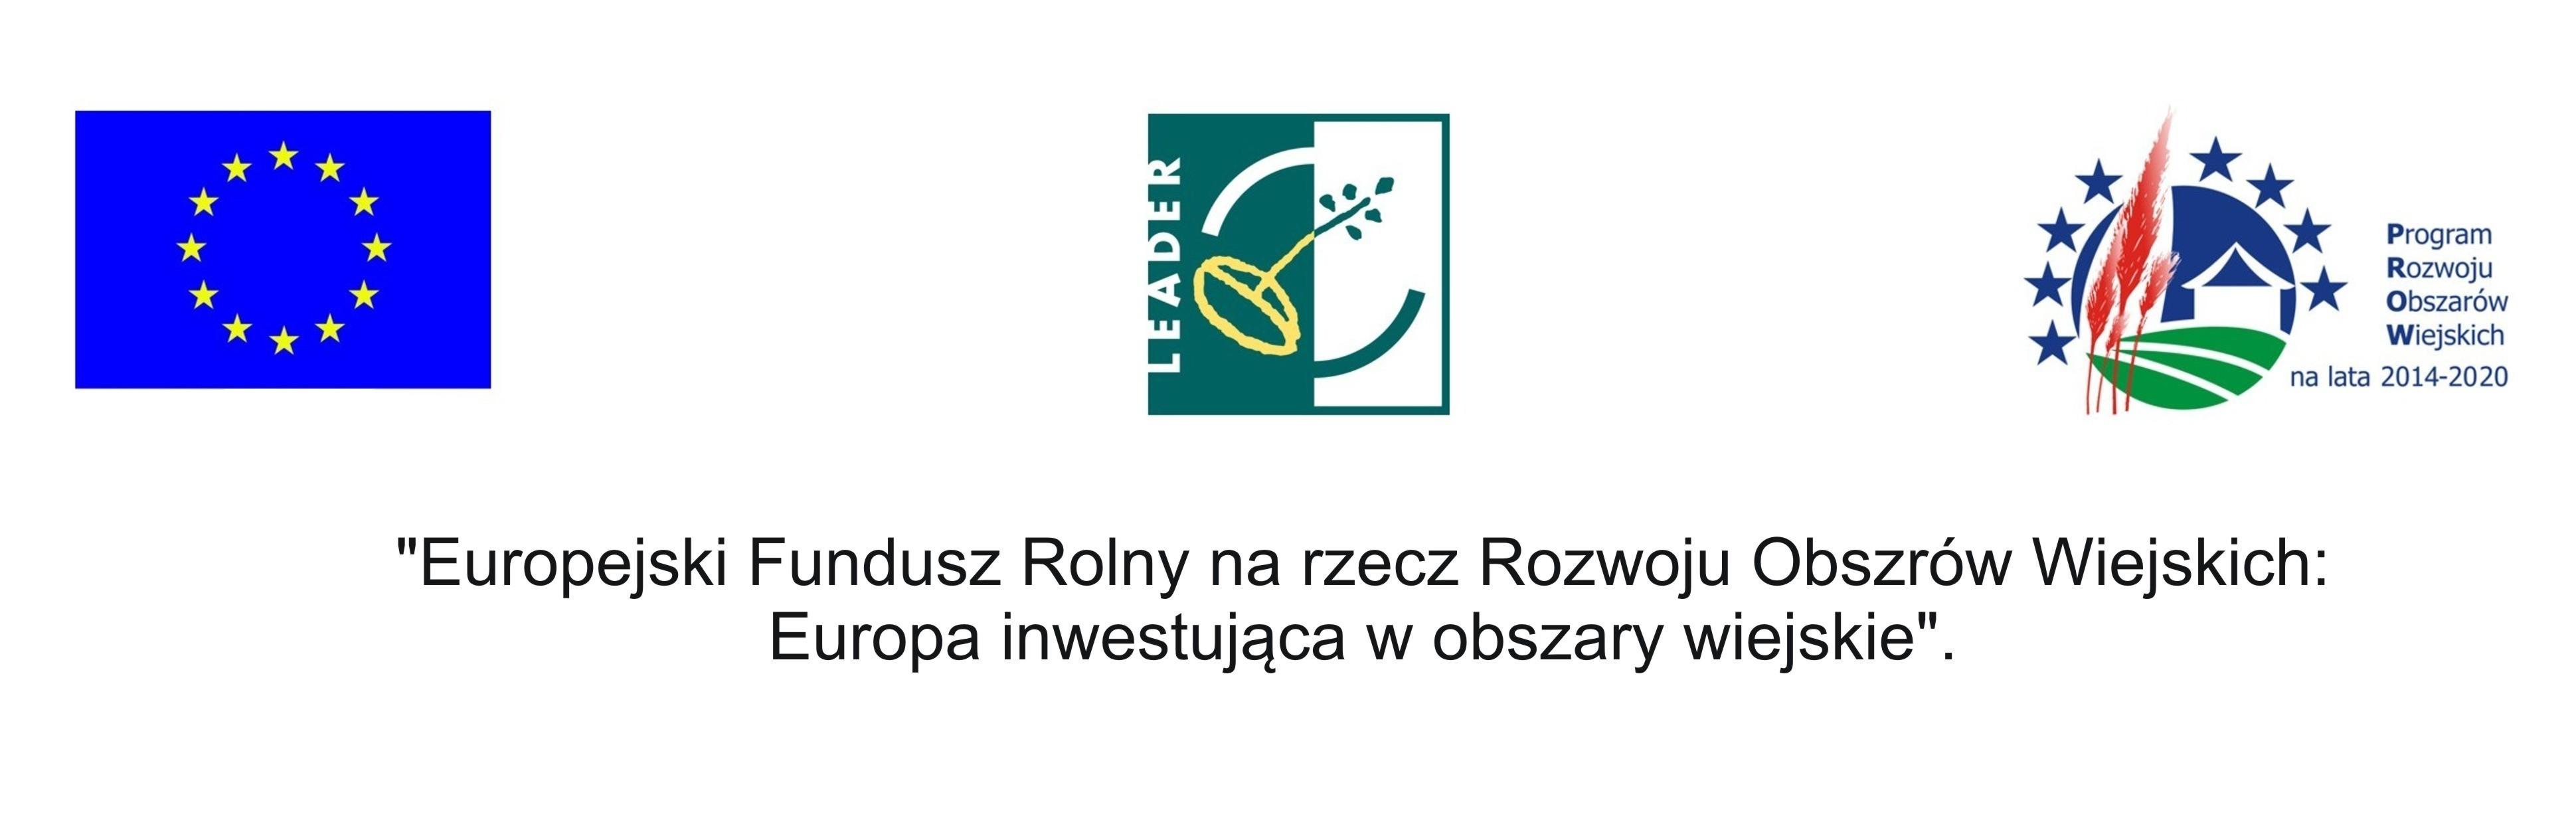 logotypy programu PROW 2014-2020